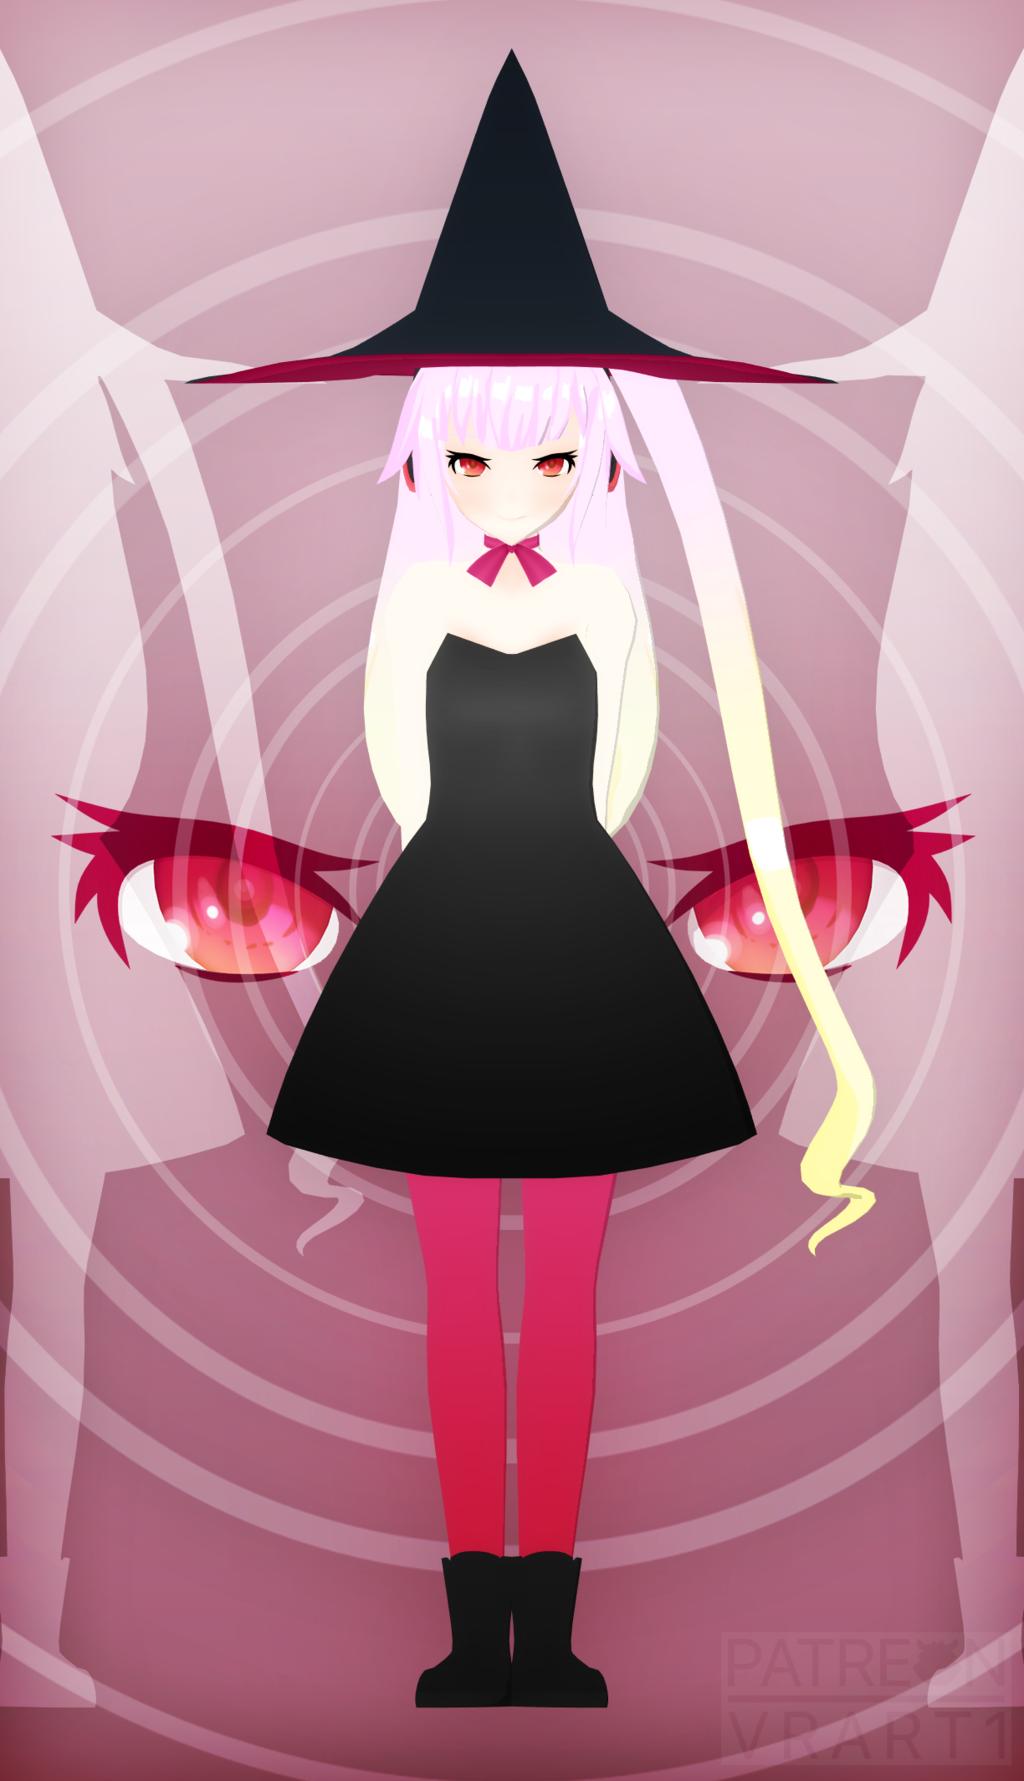 WitchKai